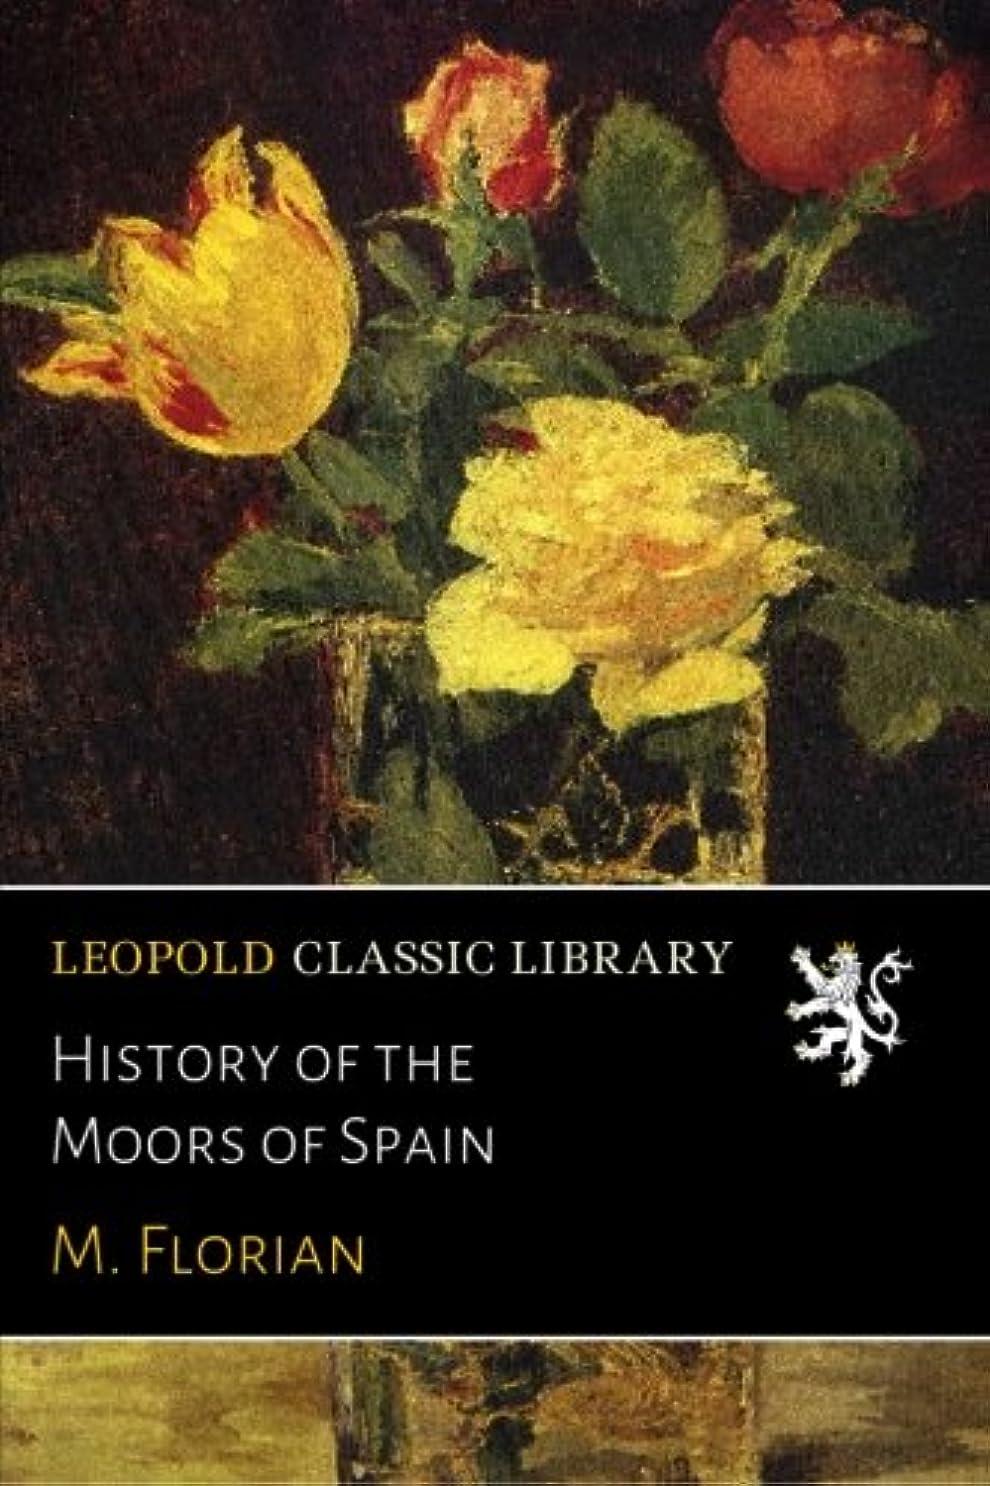 倍増ペルー言い換えるとHistory of the Moors of Spain